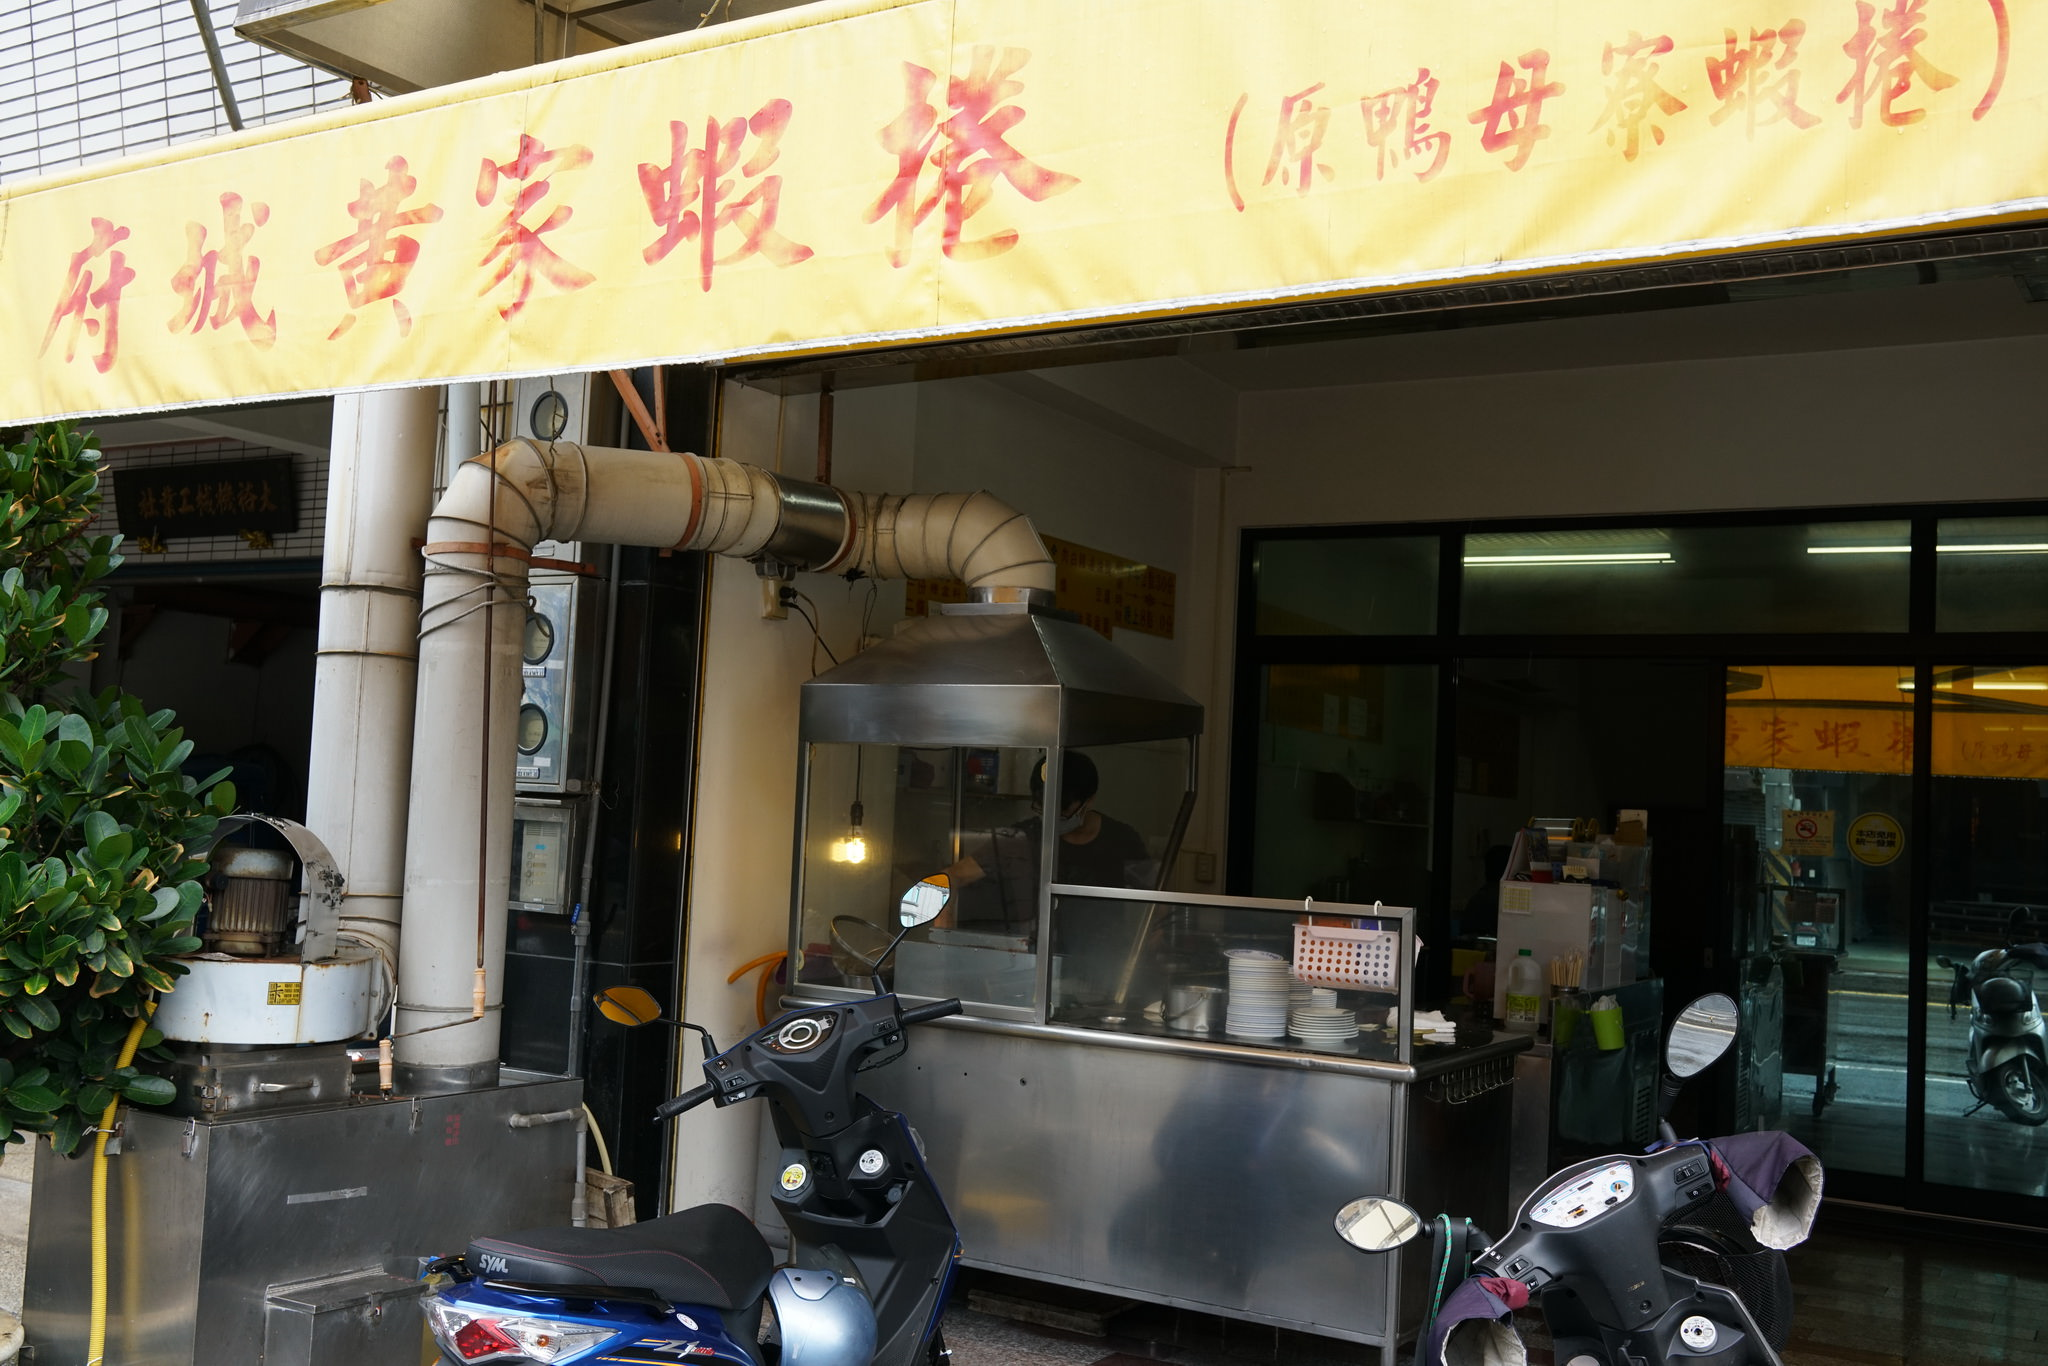 台南吃吃之旅 Day 1 150